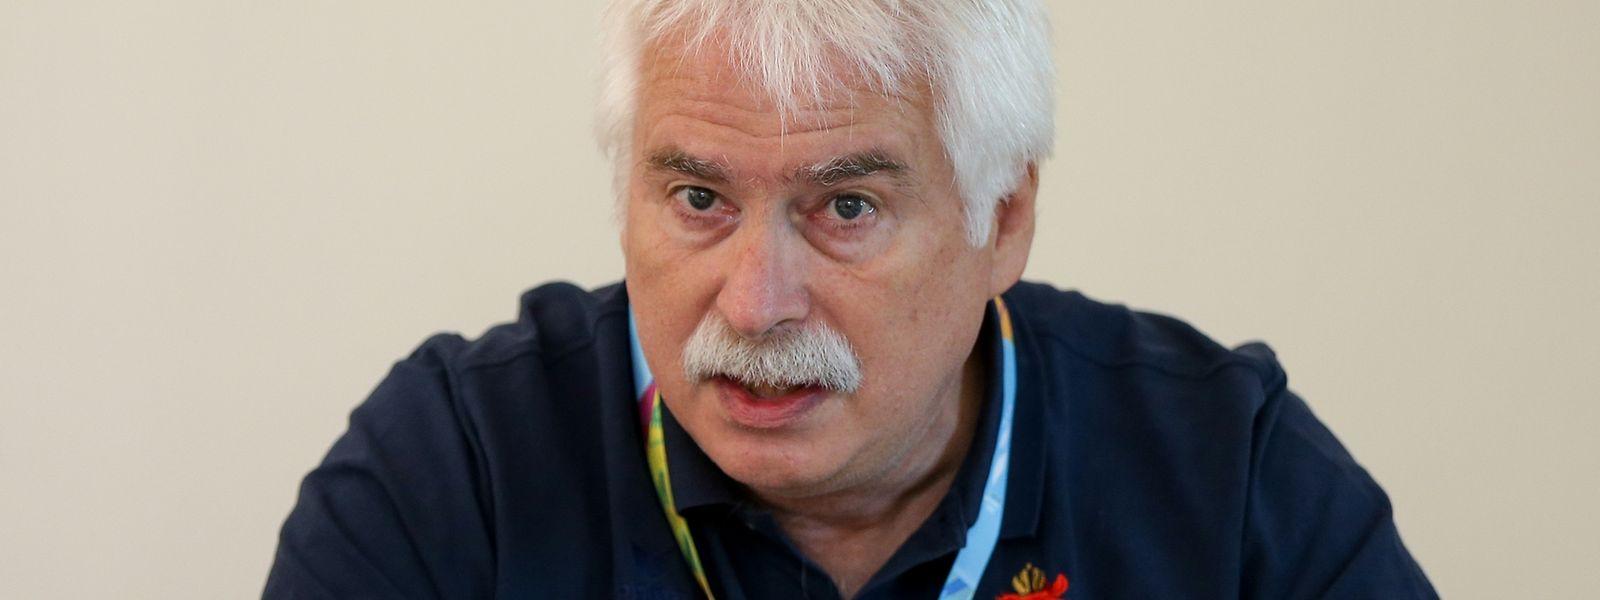 Heinz Thews wurde im Dezember 2001 zum COSL-Sportdirektor ernannt.